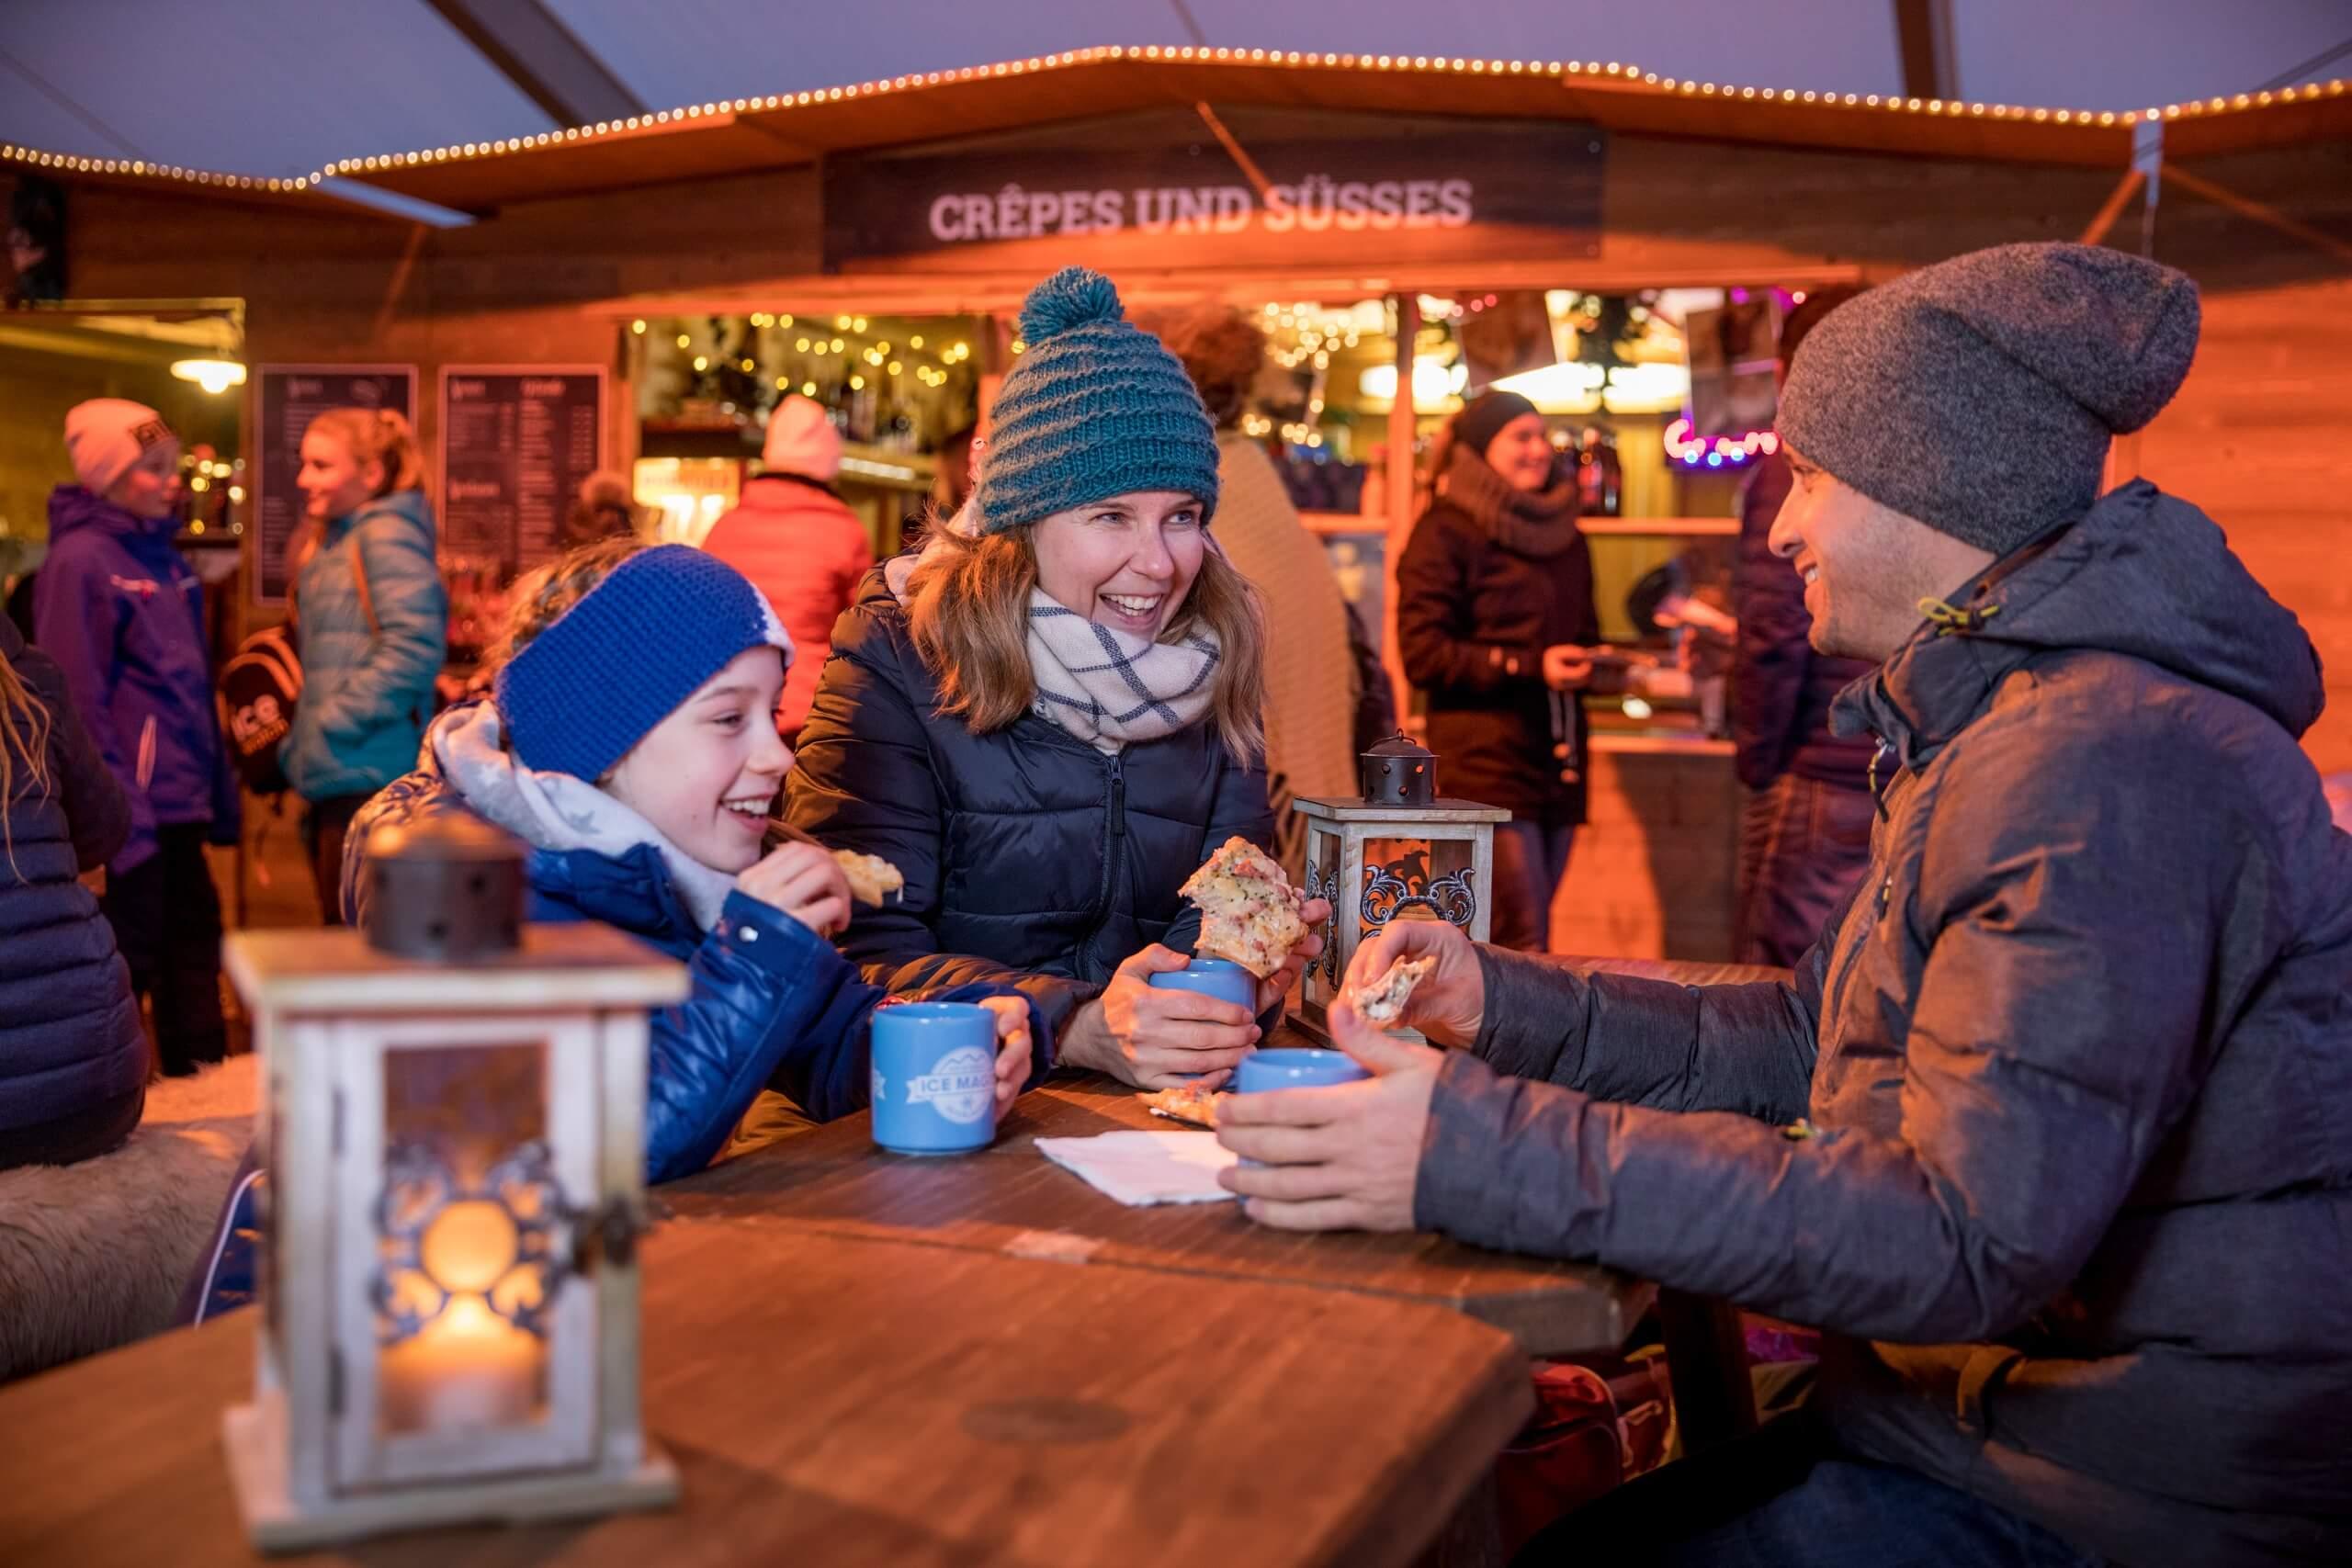 interlaken-top-of-europe-ice-magic-essen-winter-verpflegung